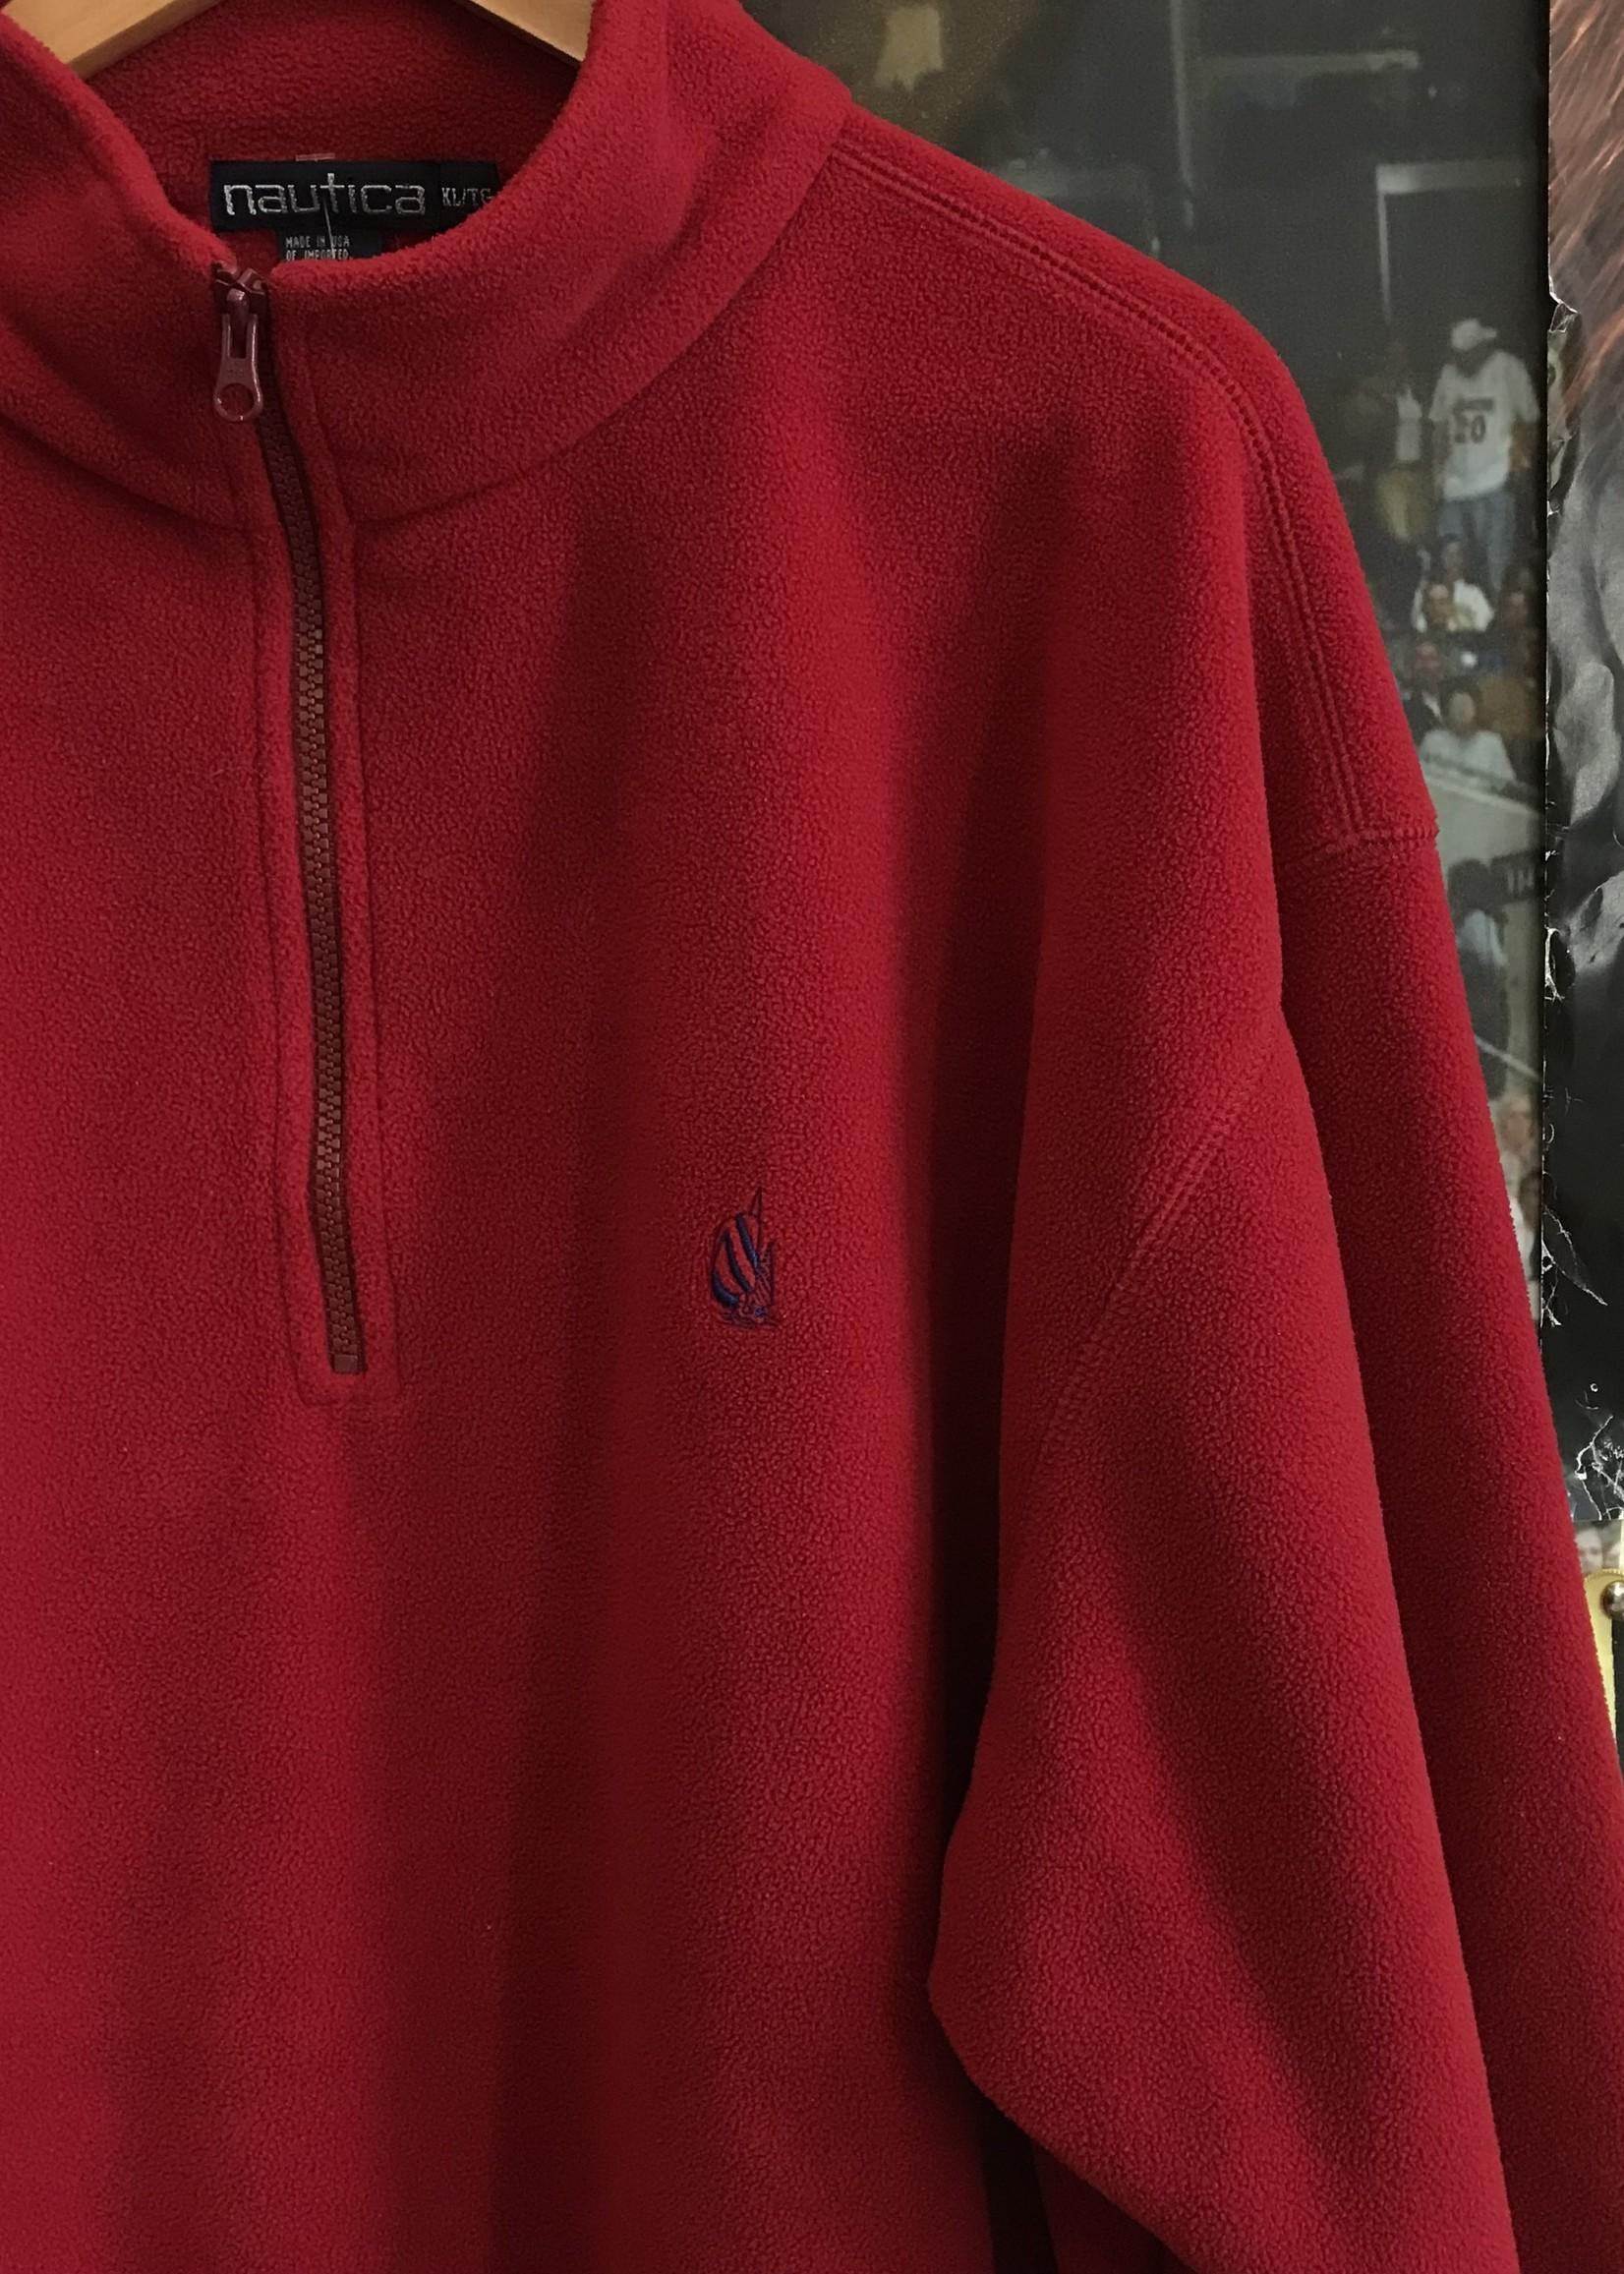 3887nautica fleece quarter zip red sz XL